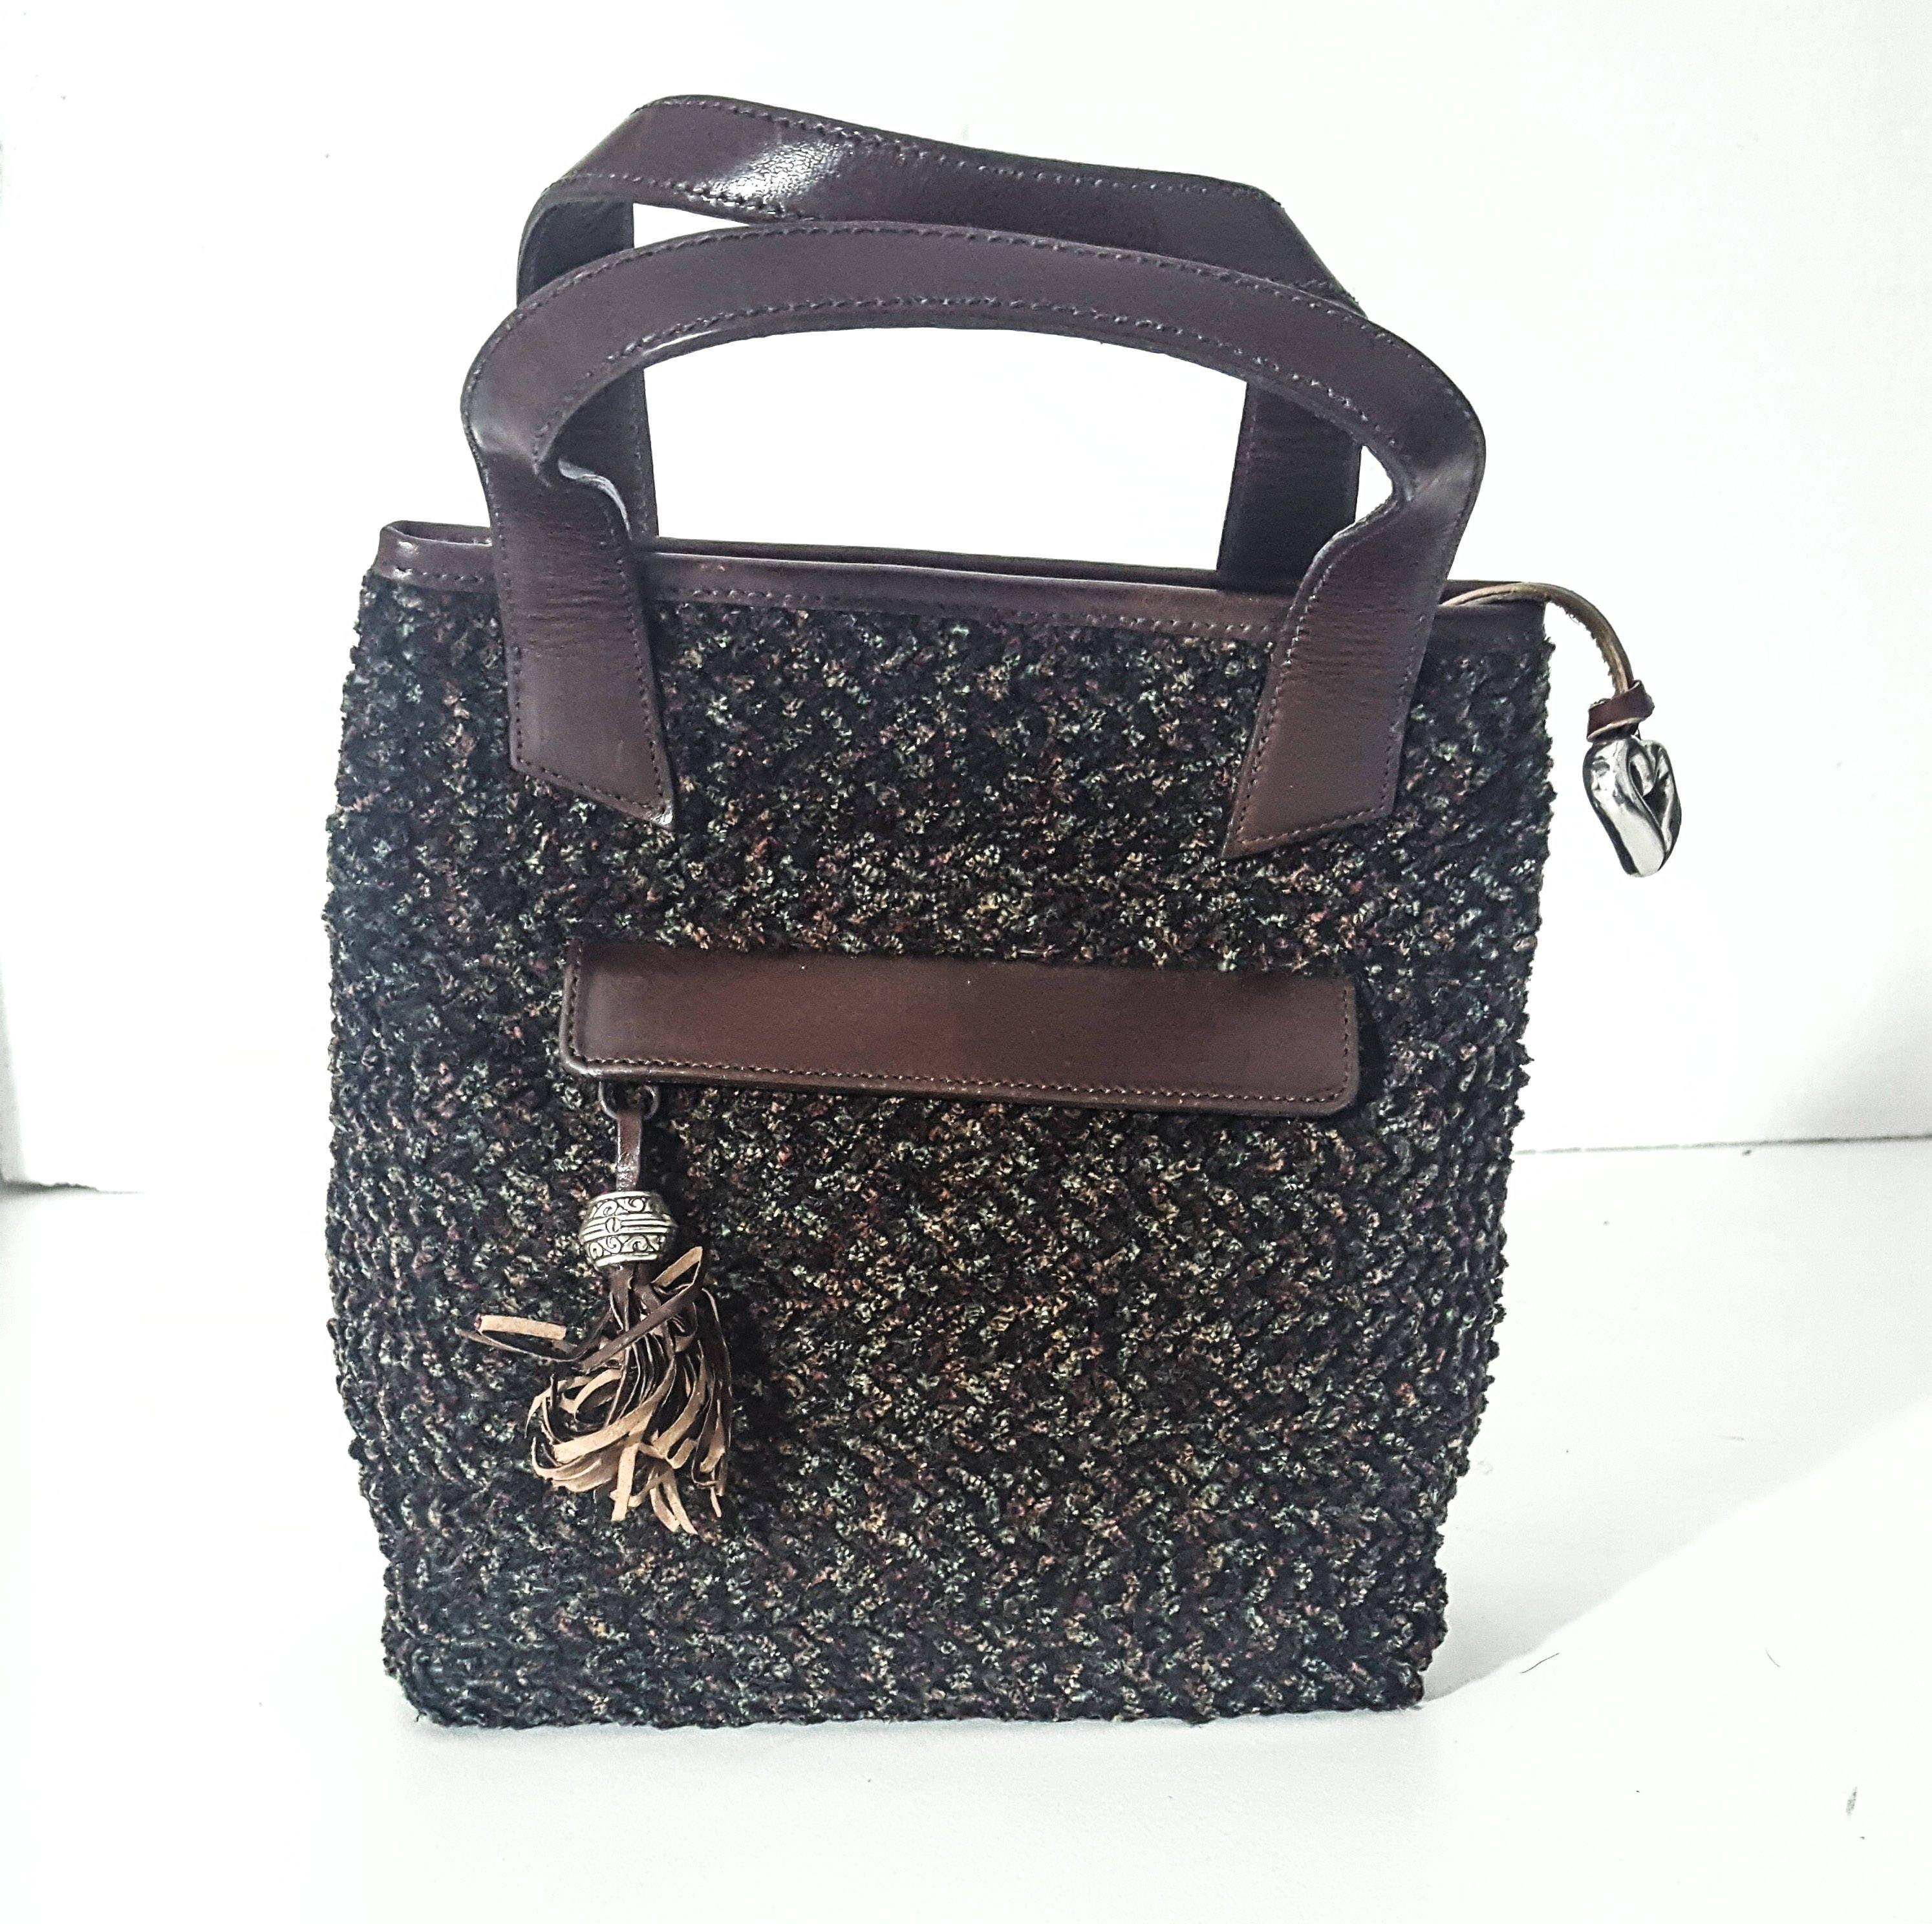 vintage clothing brighton brighton handbag brighton purse